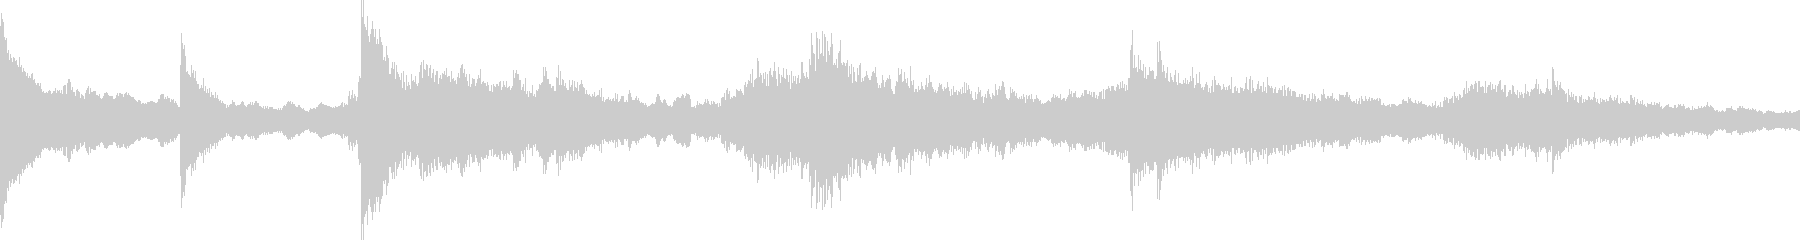 クールで切ないピアノソロの未再生の波形